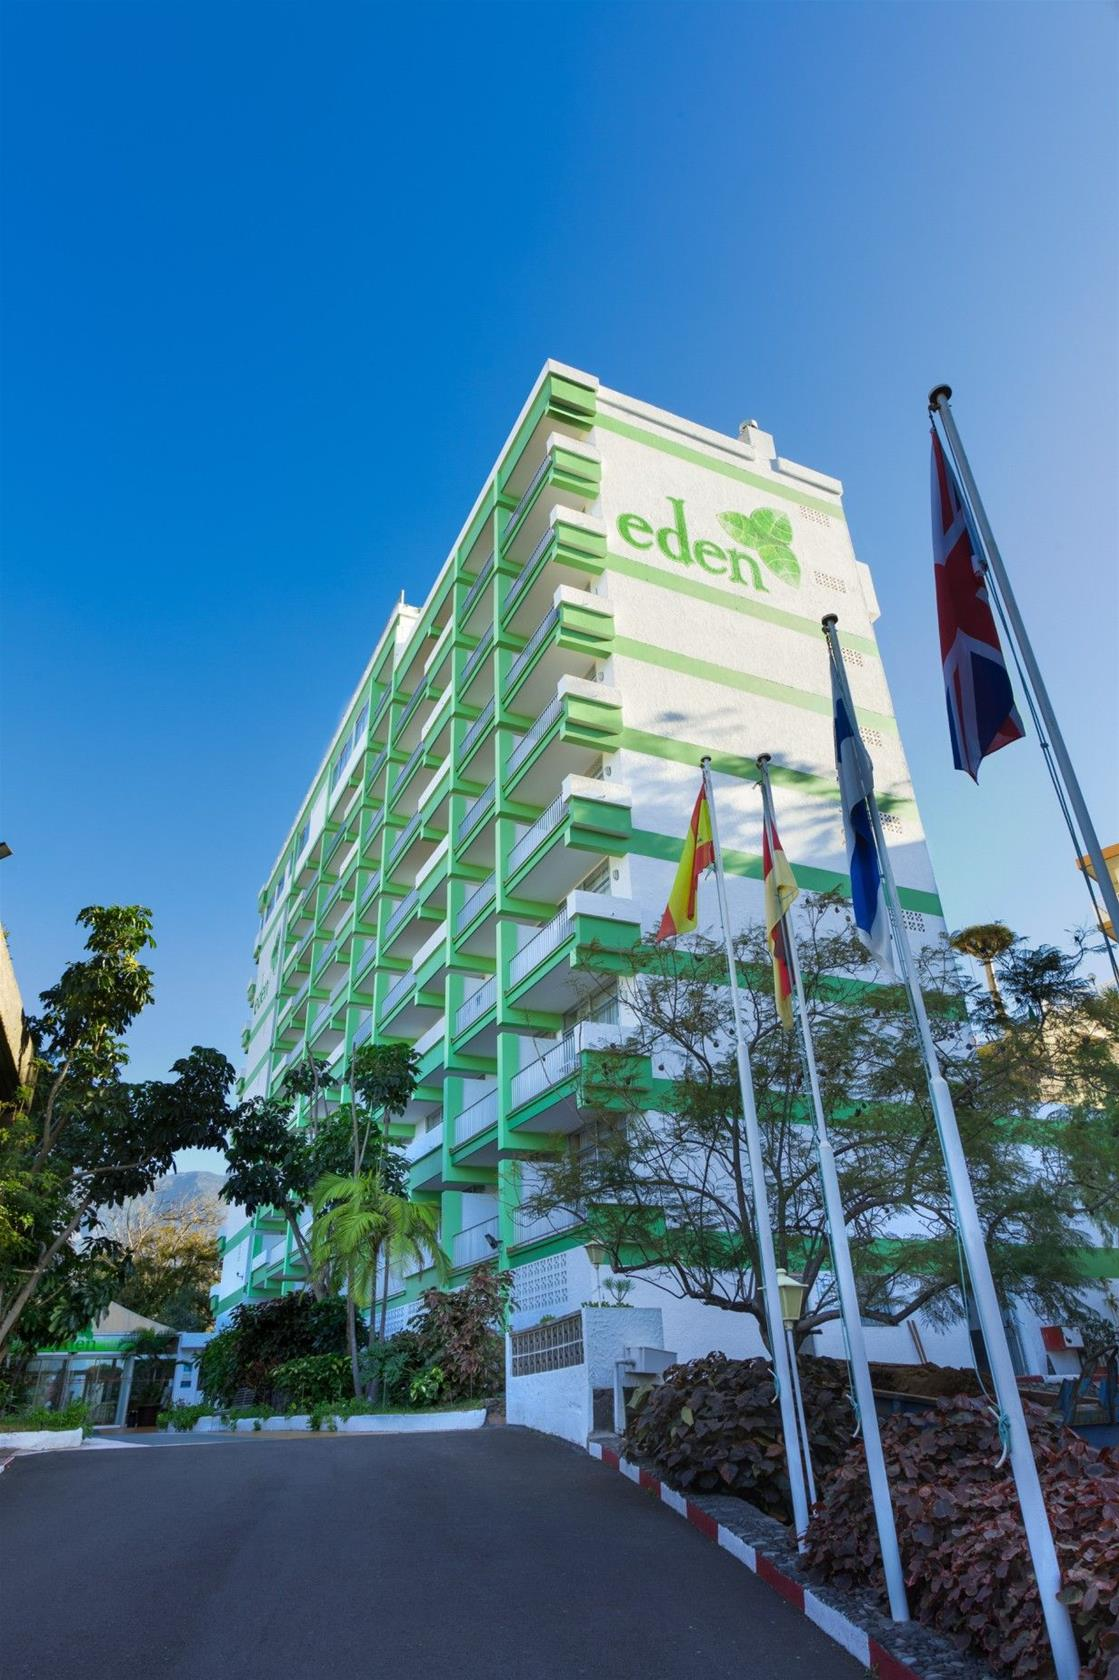 Hotel Aptos. Parque Vacacional Eden